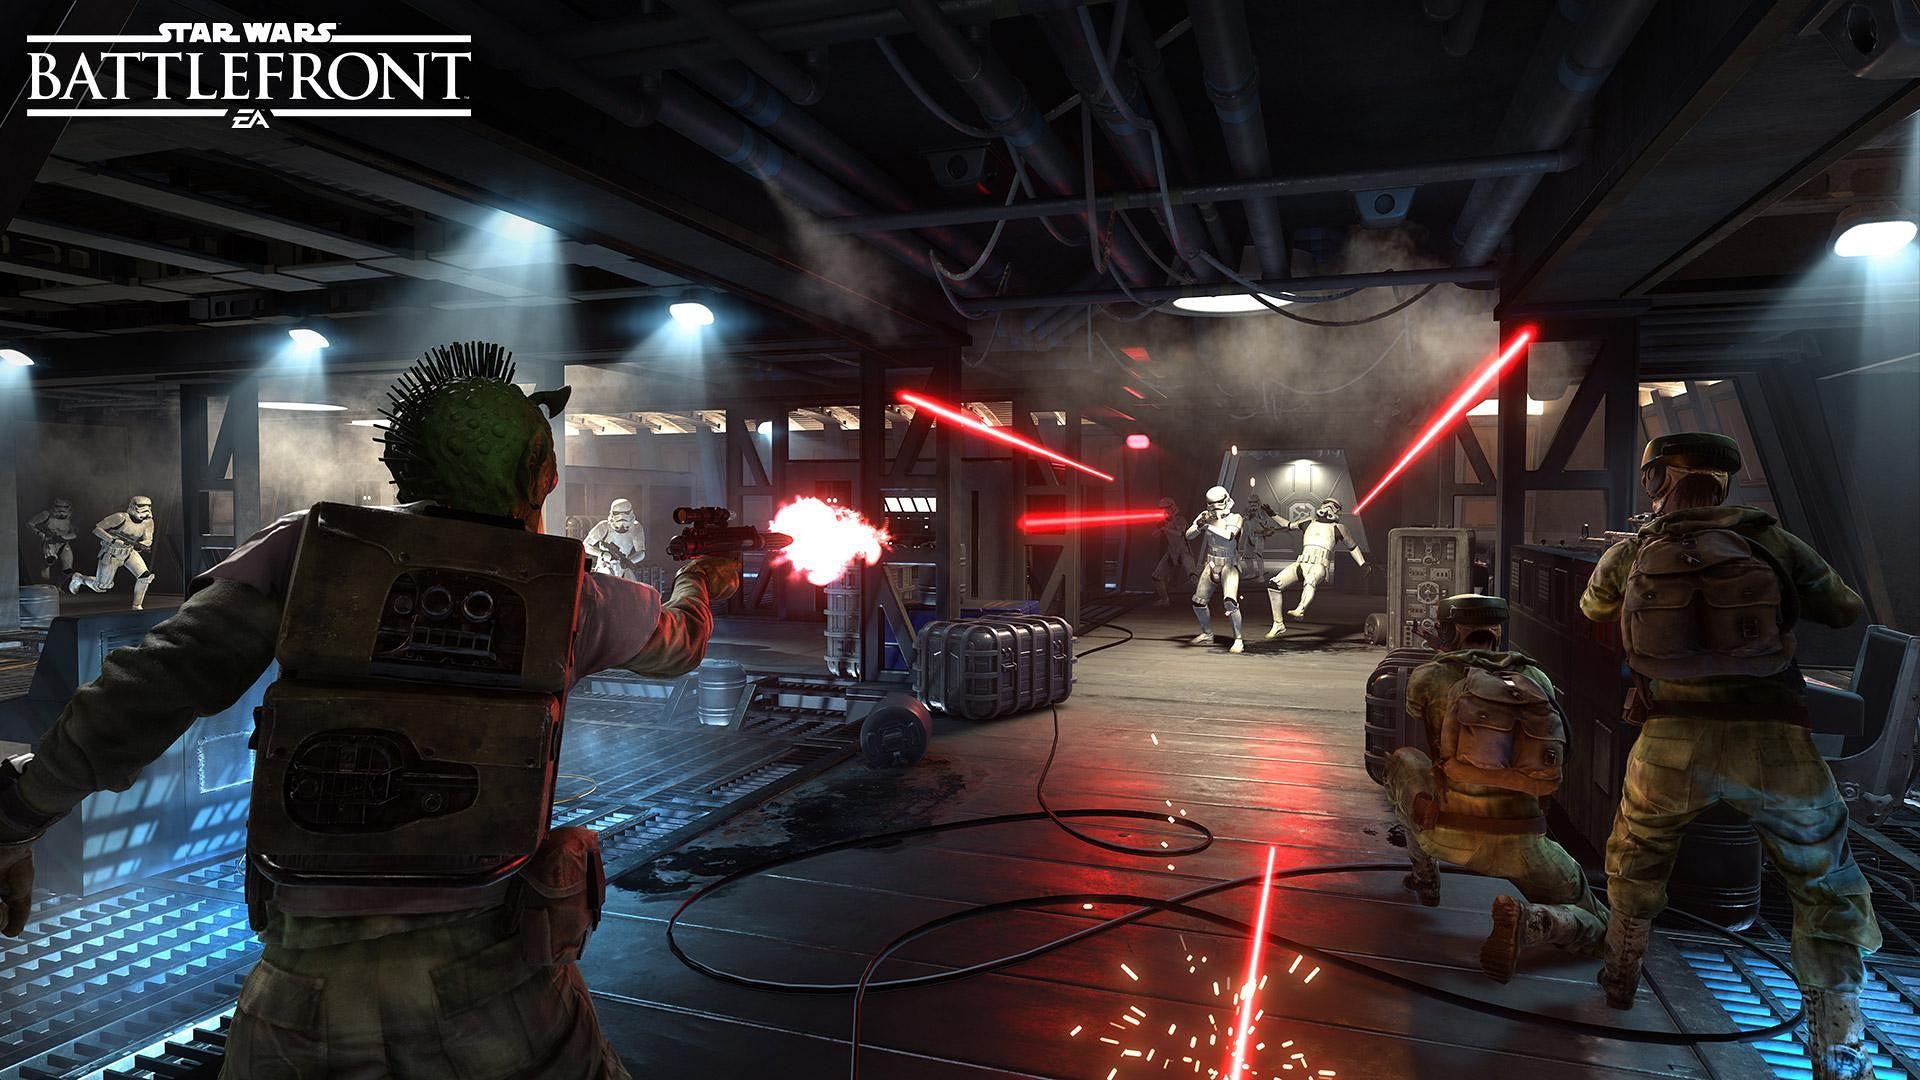 star-wars-battlefront-outer-rim-dlc-details-released-871357